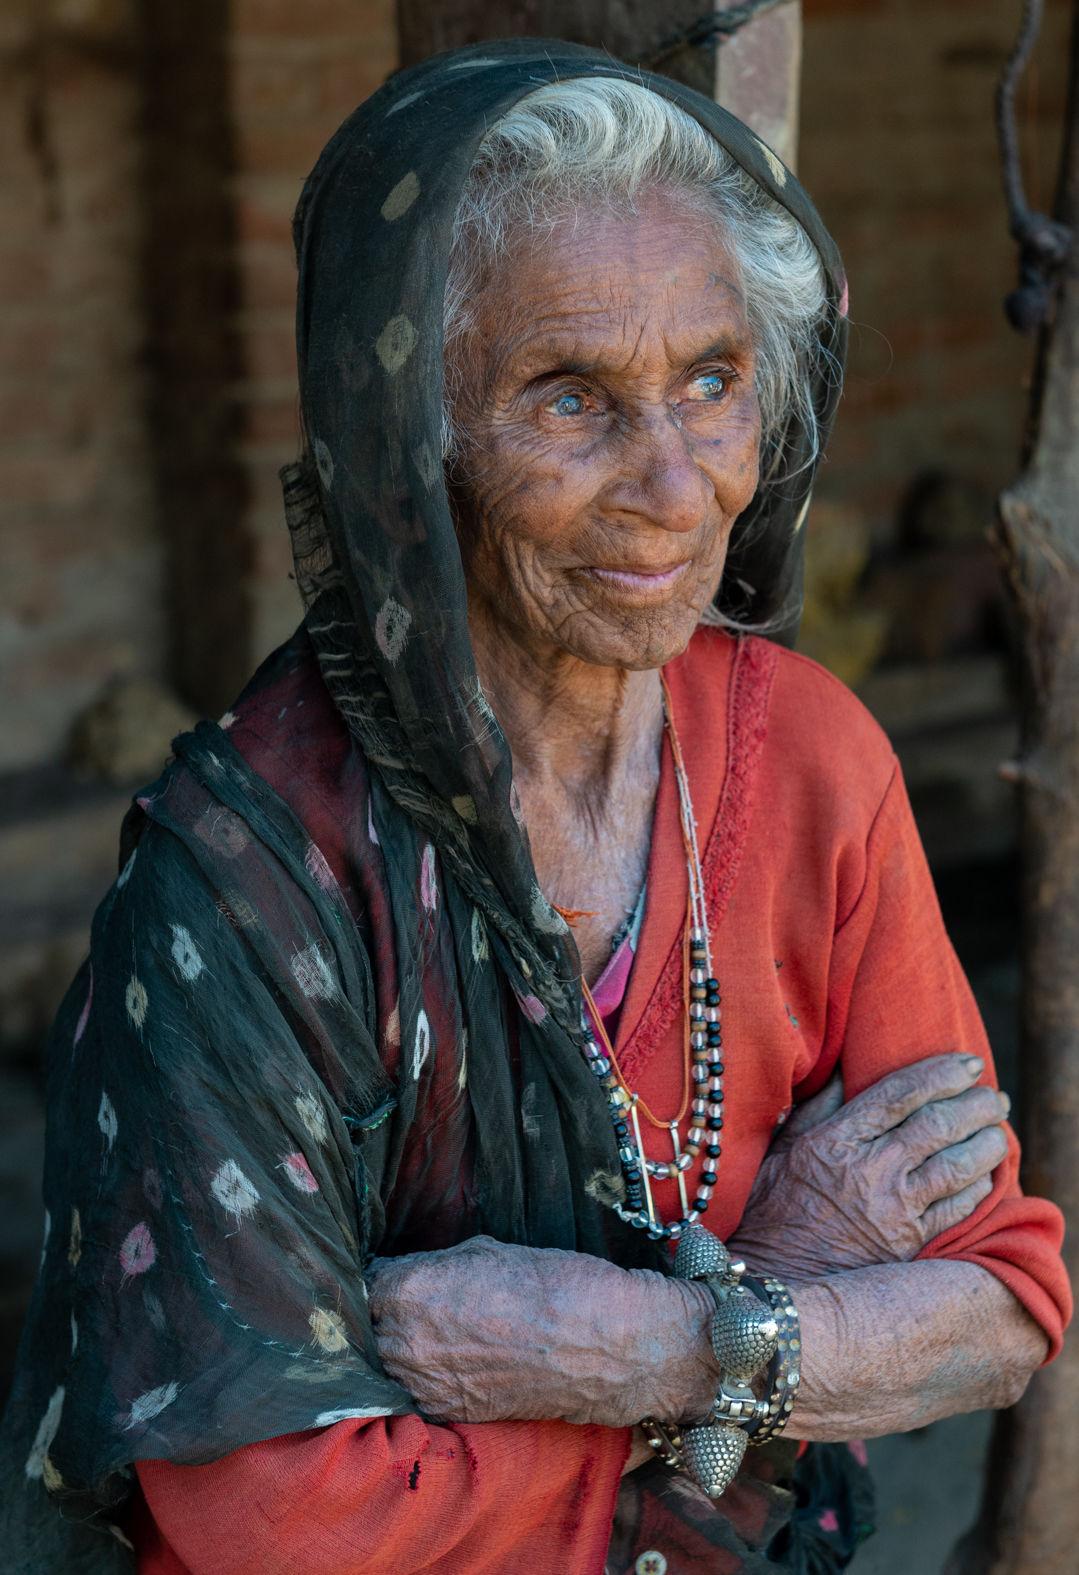 A villager in Shahpura, Rajasthan